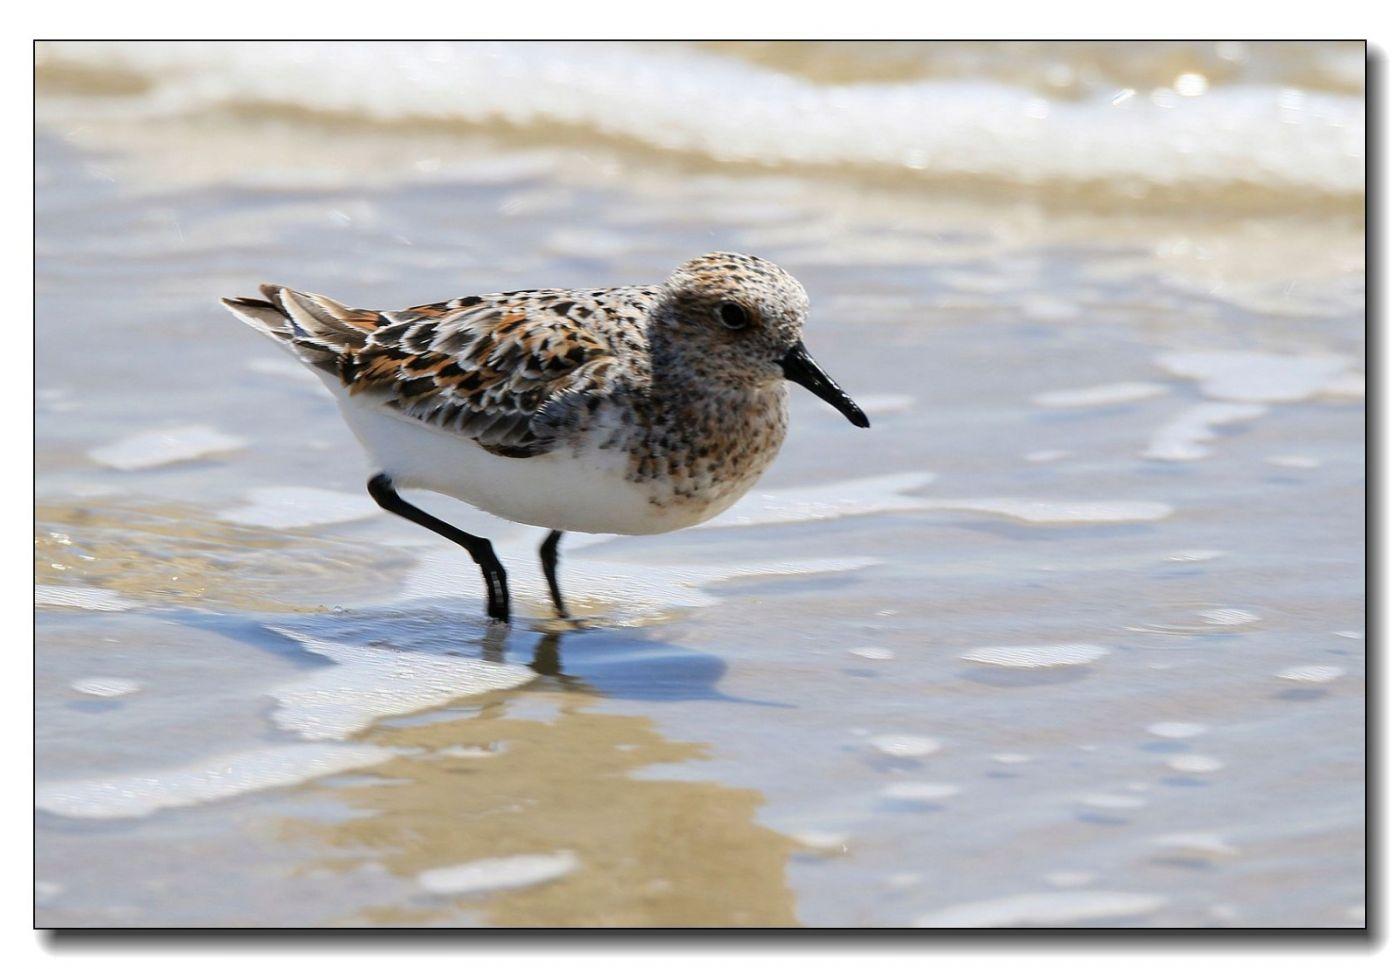 洛克威海滩拍鸟—滨鹬_图1-1